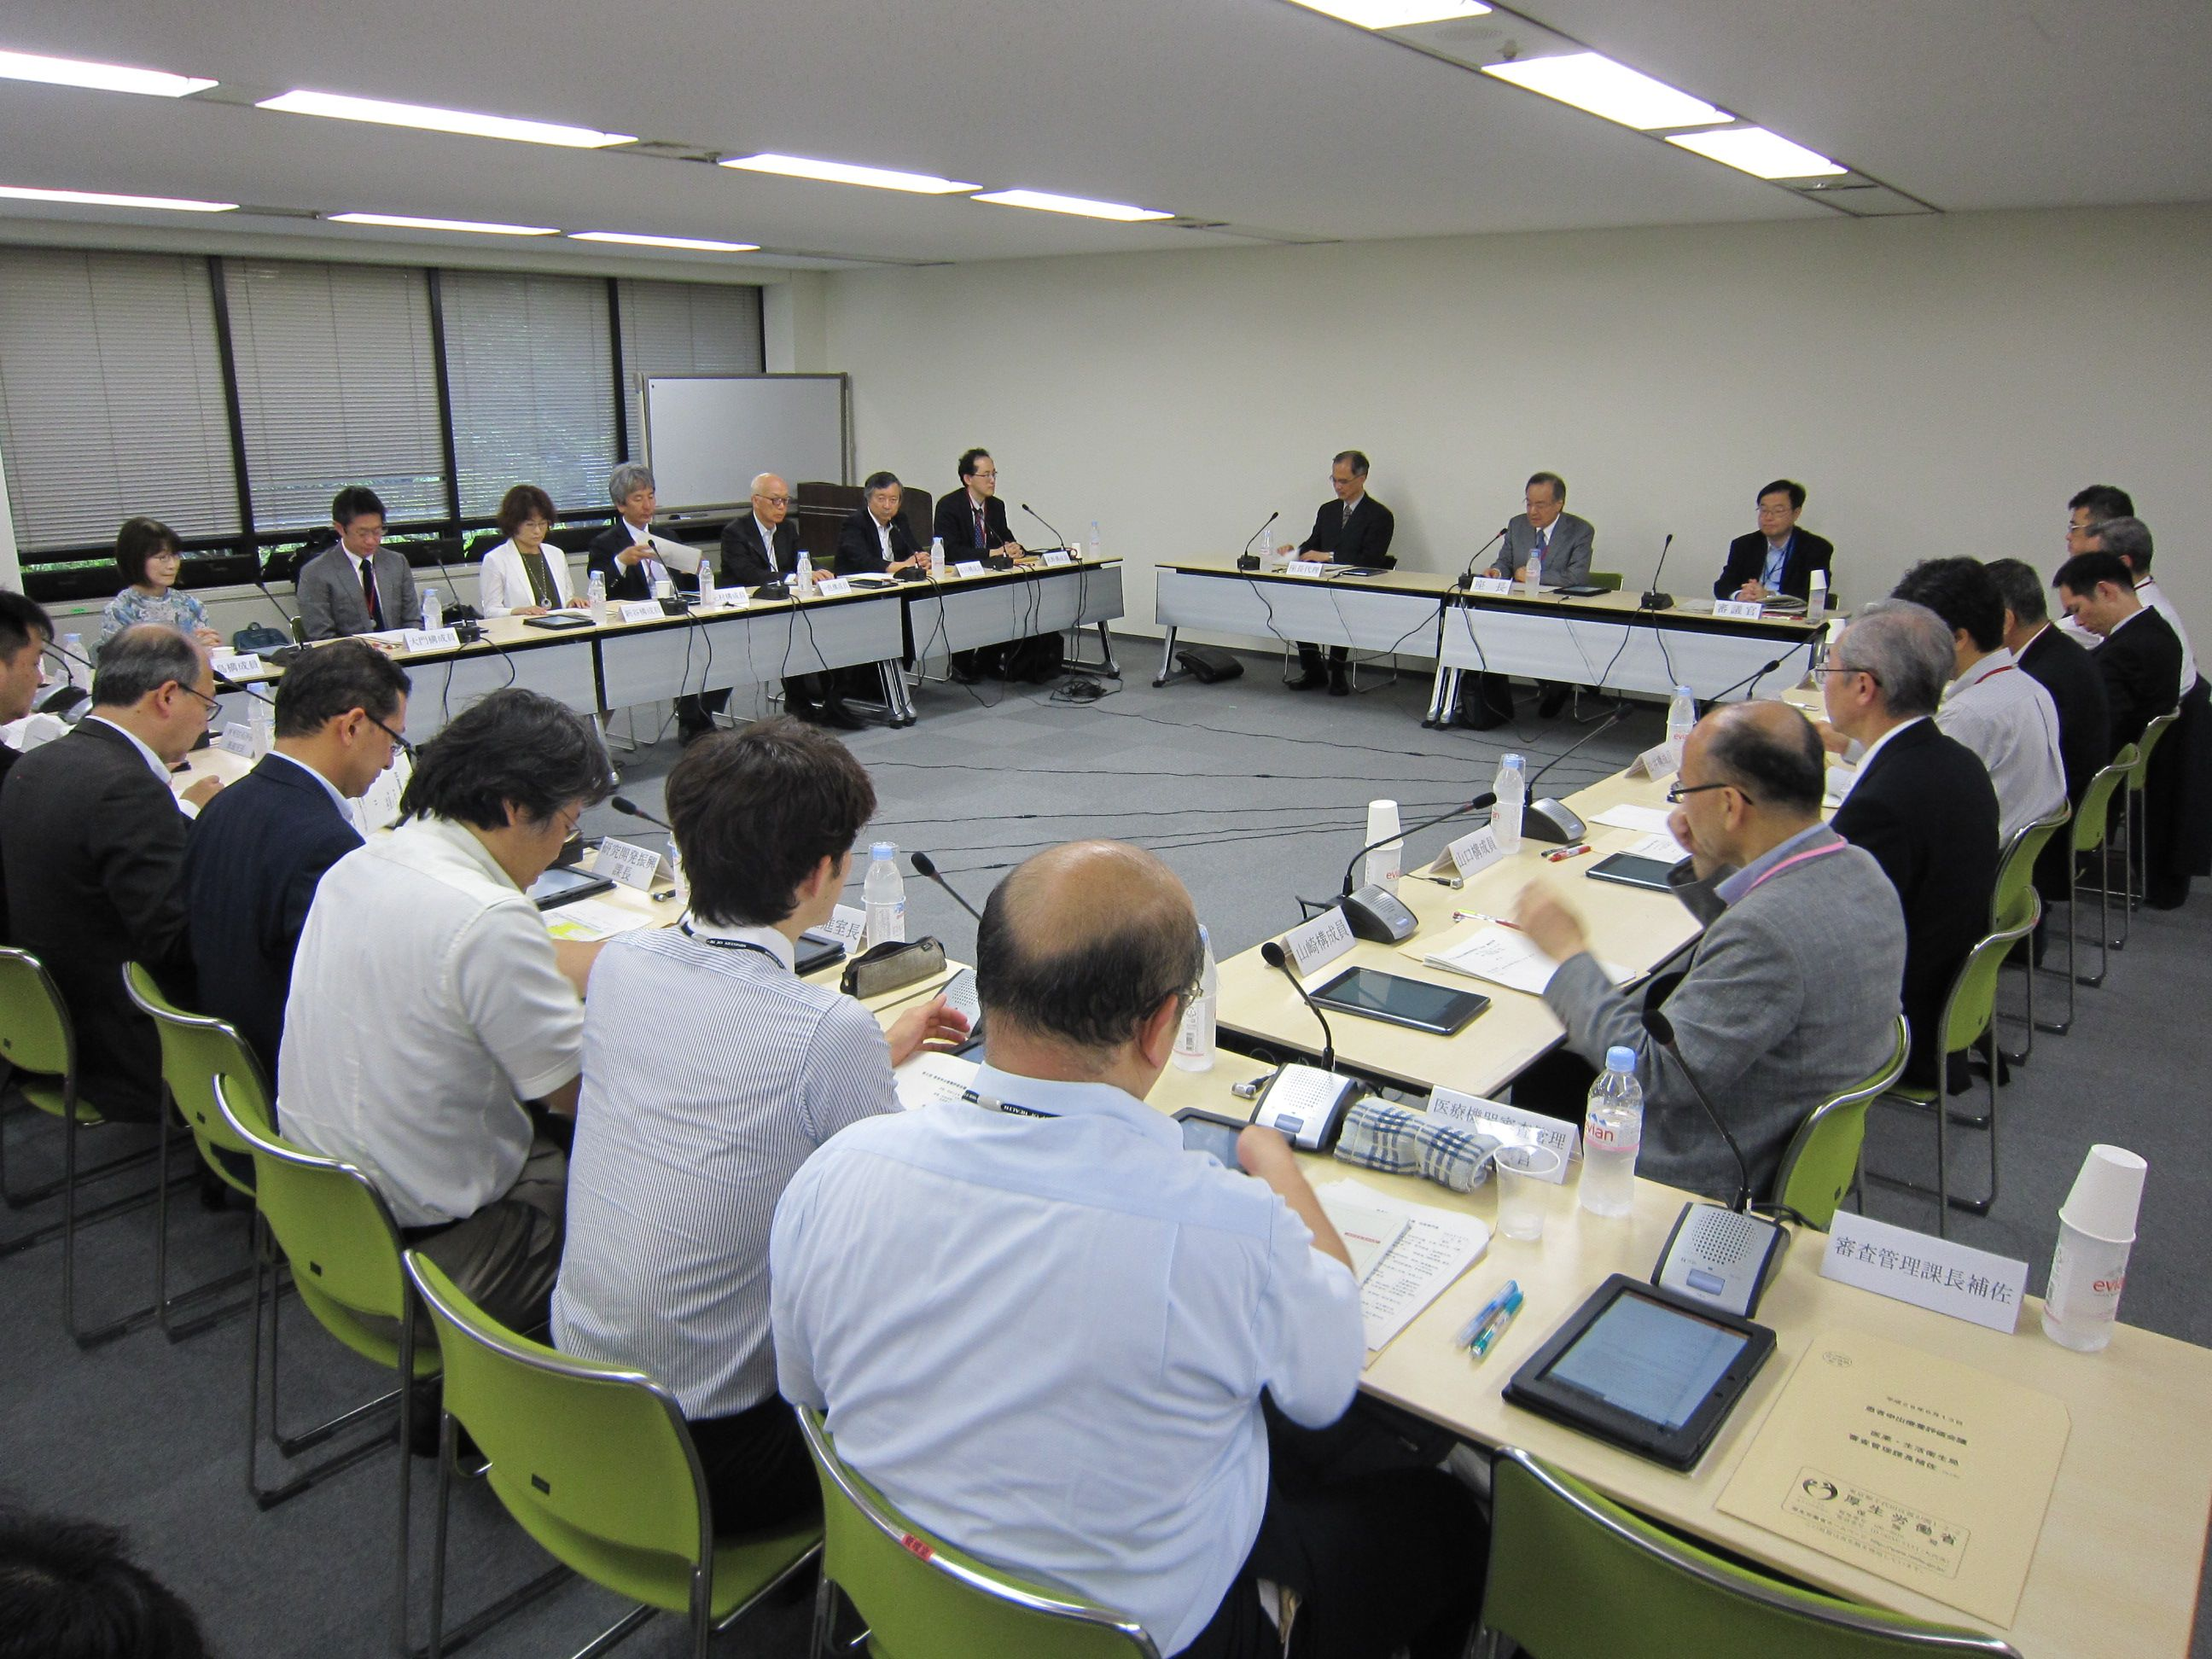 6月13日に開催された、「第2回 患者申出療養評価会議」